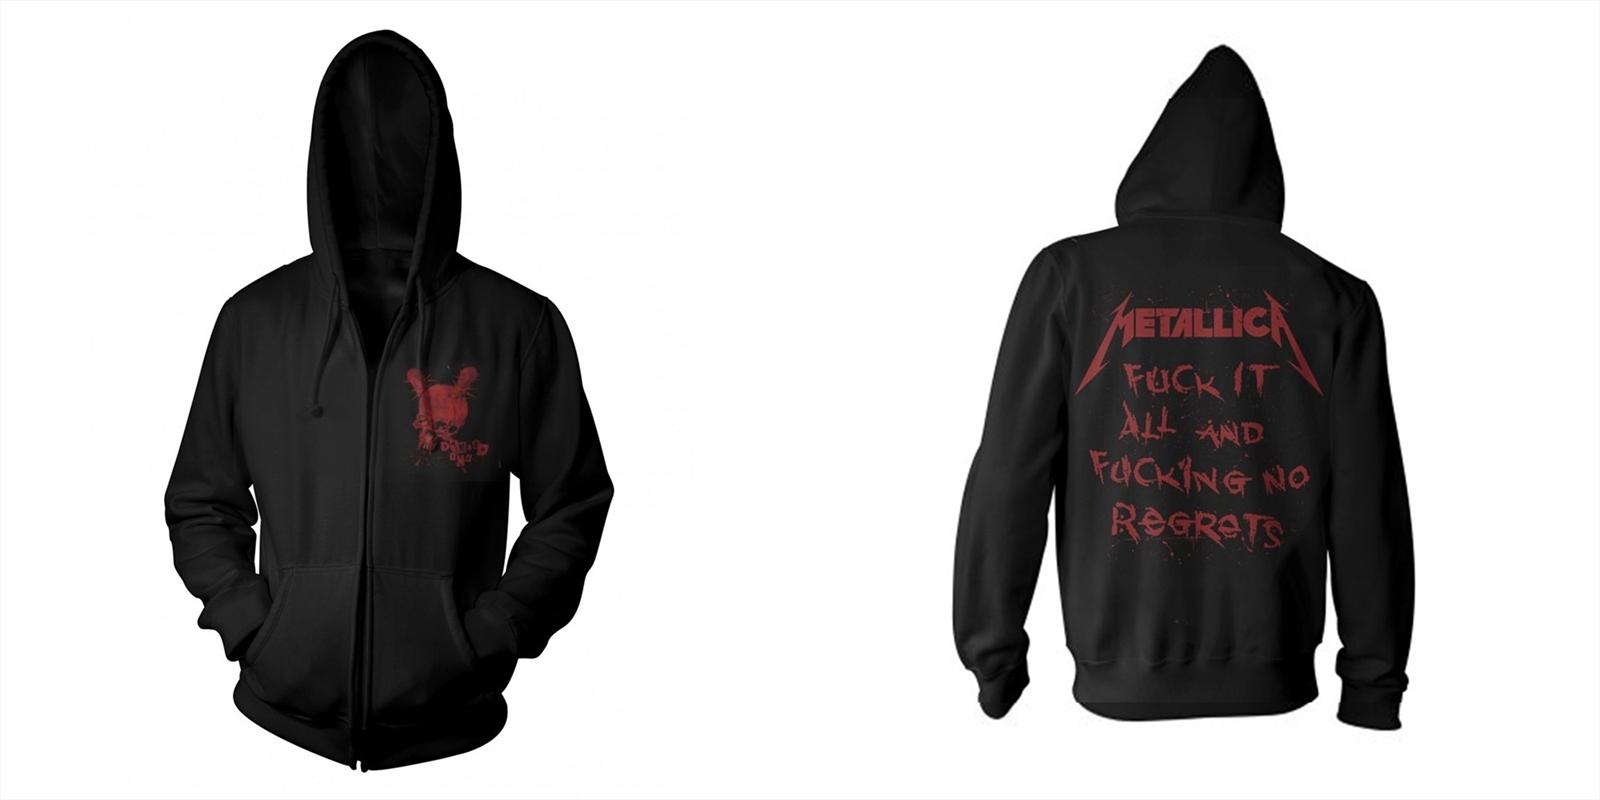 Metallica - No Regrets: Sweatshirt: M | Merchandise